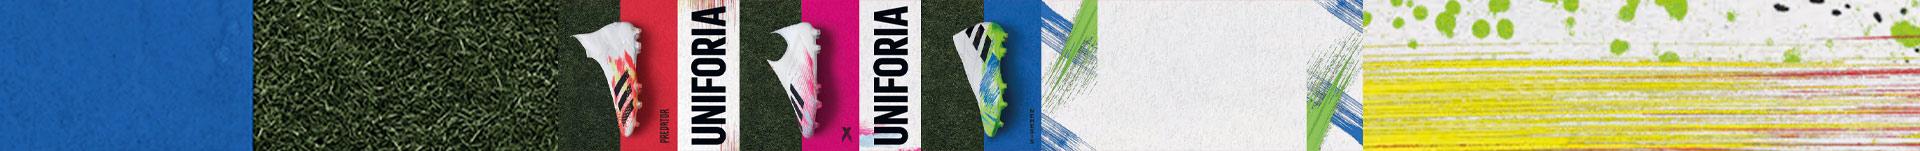 Adidas Uniforia